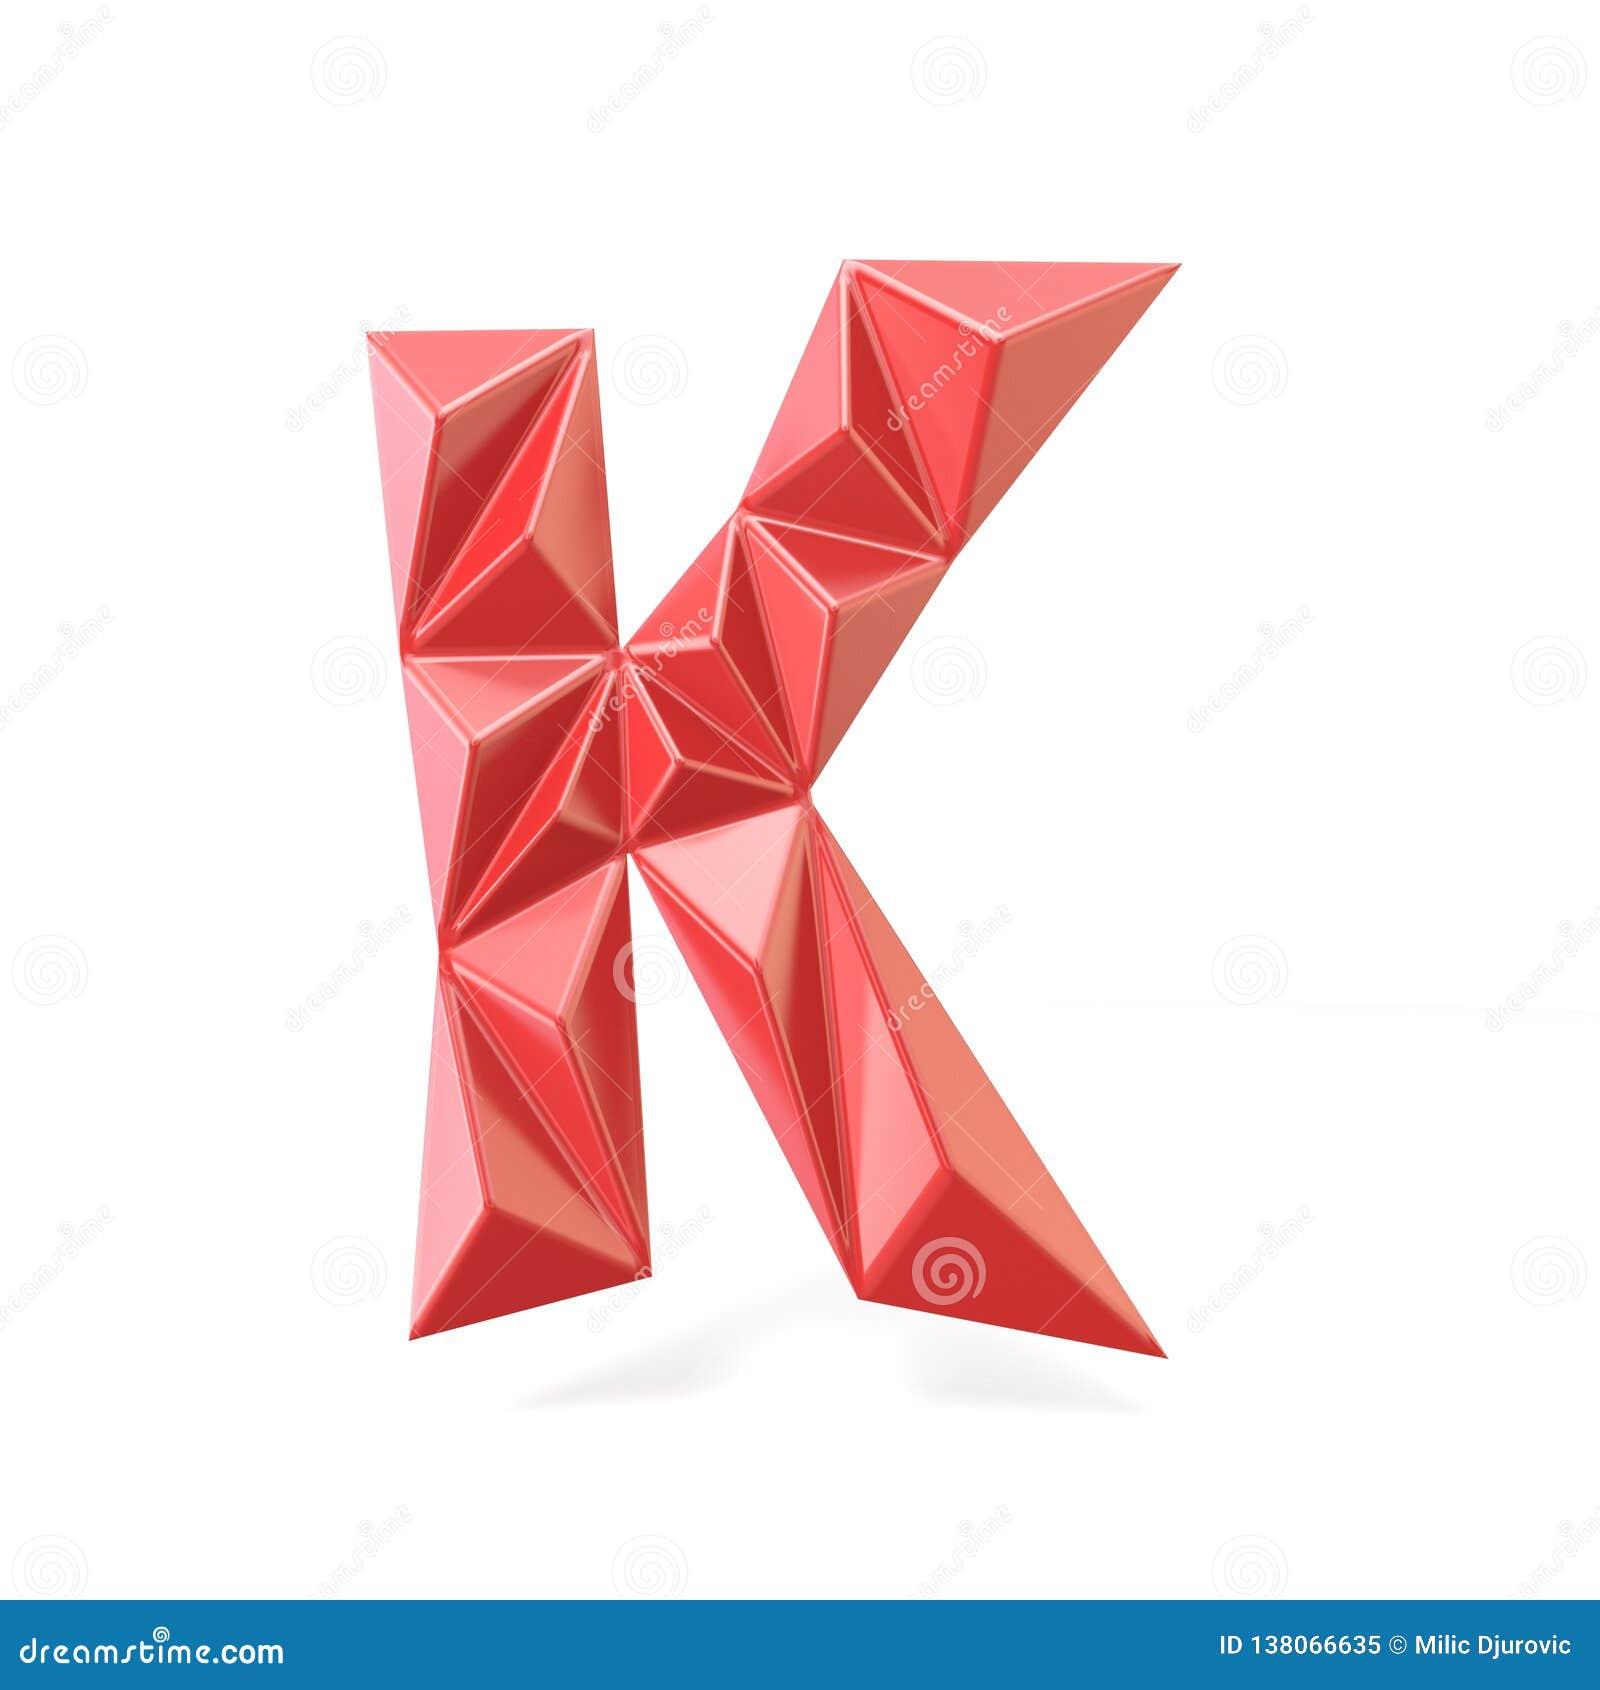 Red Modern Triangular Font Letter K 3d Stock Illustration Illustration Of Crisp Alphabet 138066635